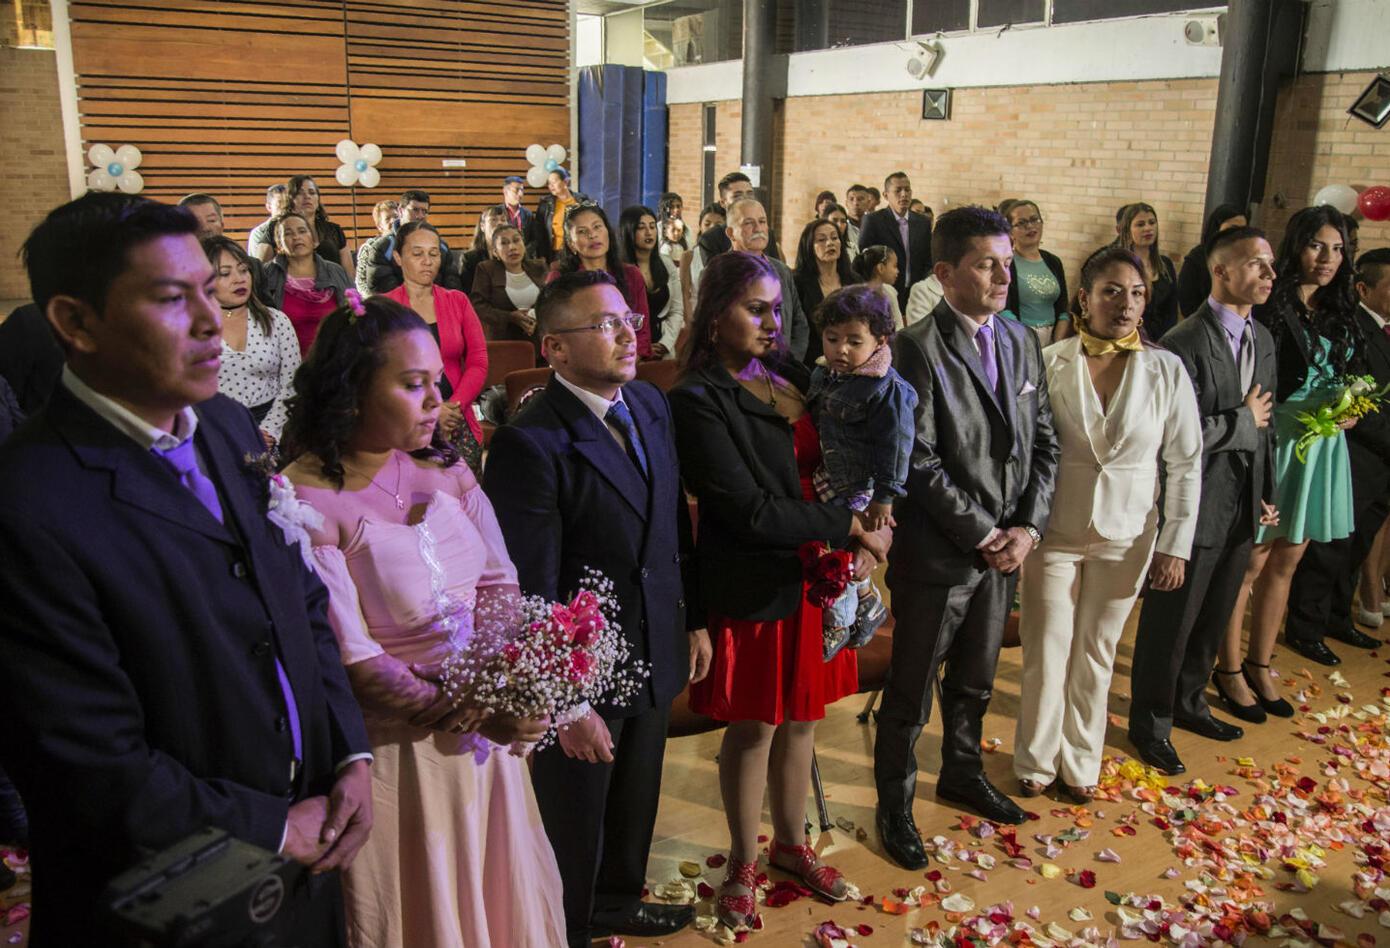 Fabián y Milena siguieron celebrando. La flamante esposa tiró el ramo de flores a sus damas de honor.